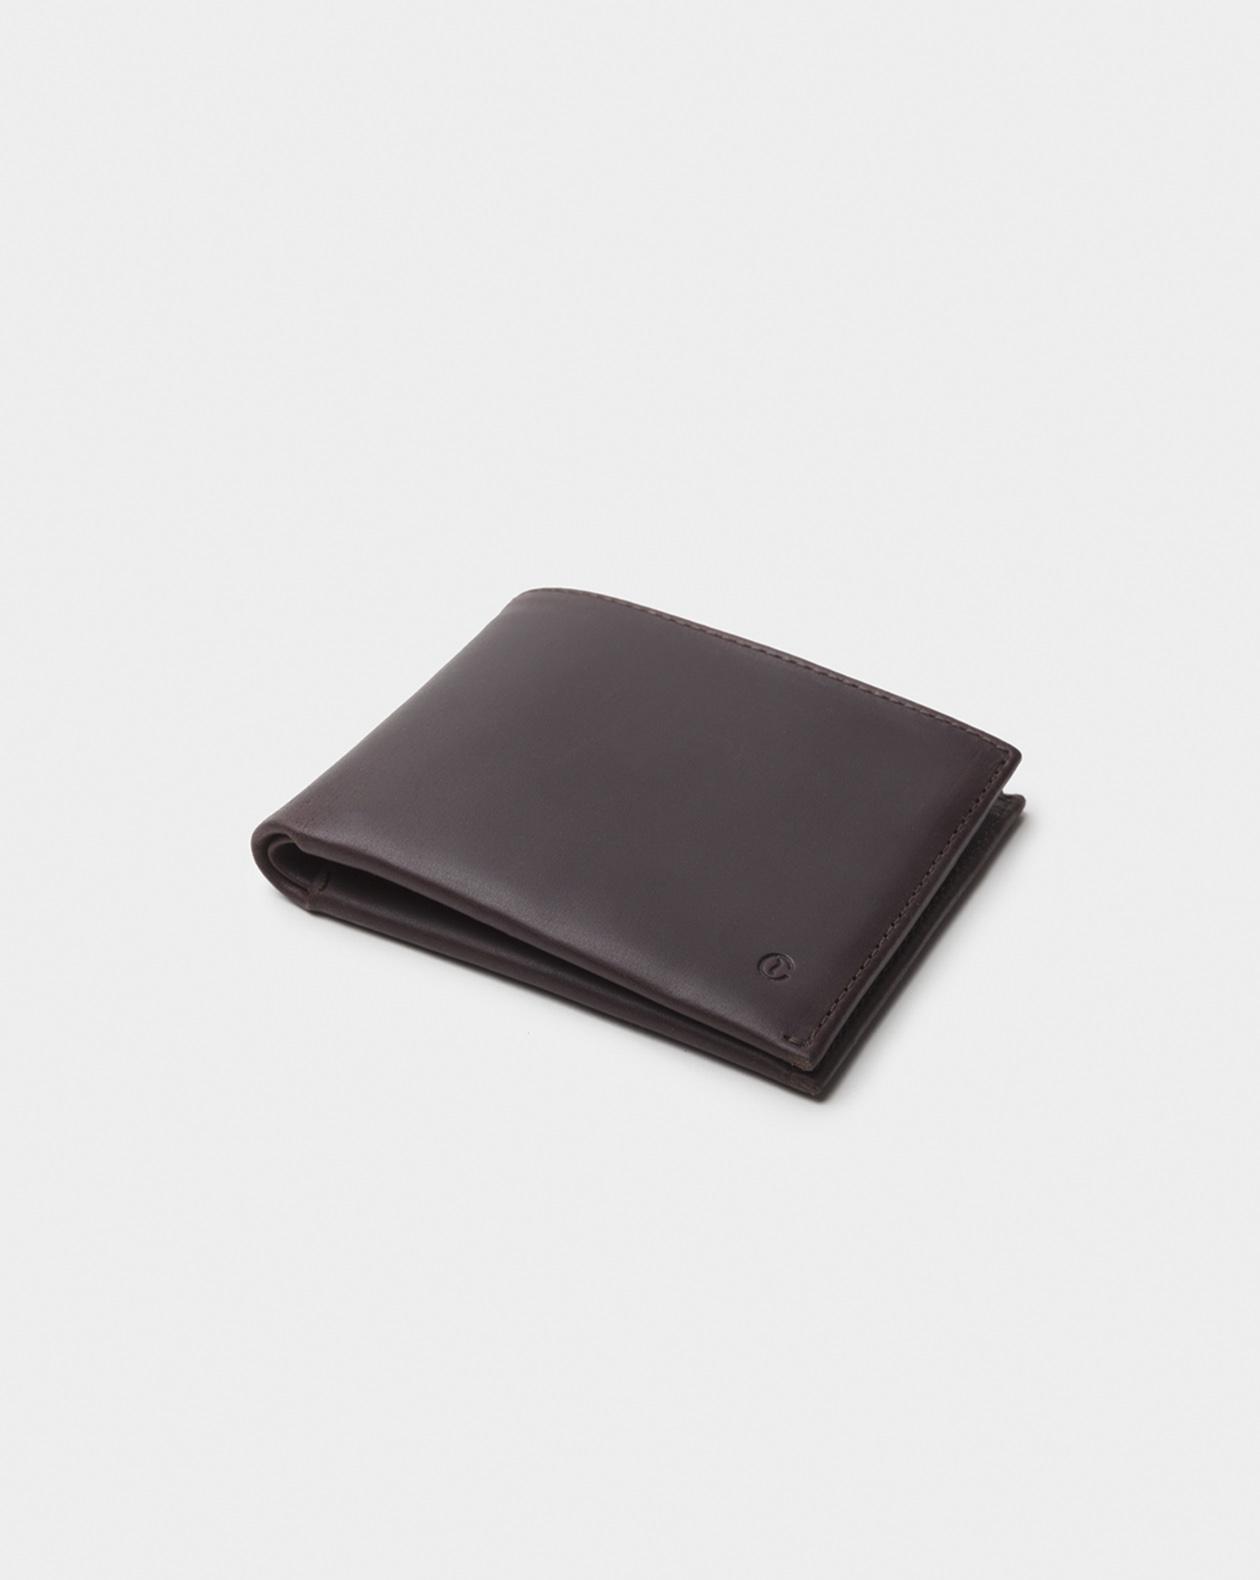 Billetera de piel marrón oscuro clásica